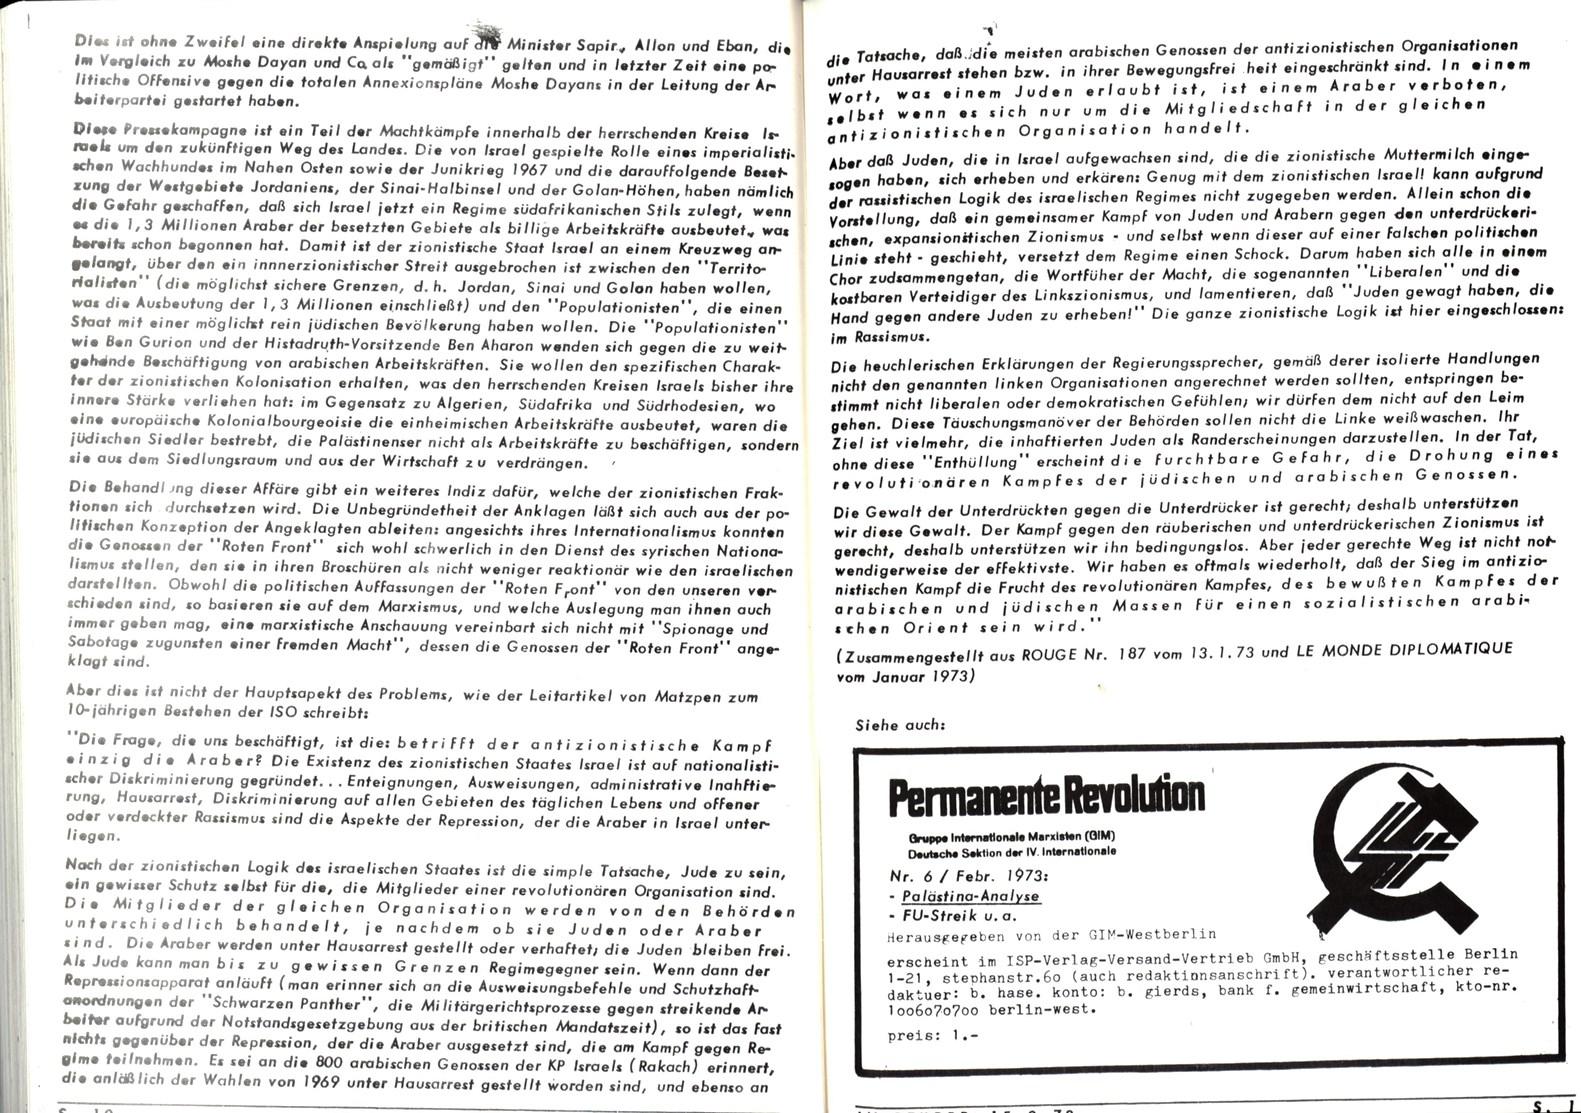 Inprekorr_19730215_024_006